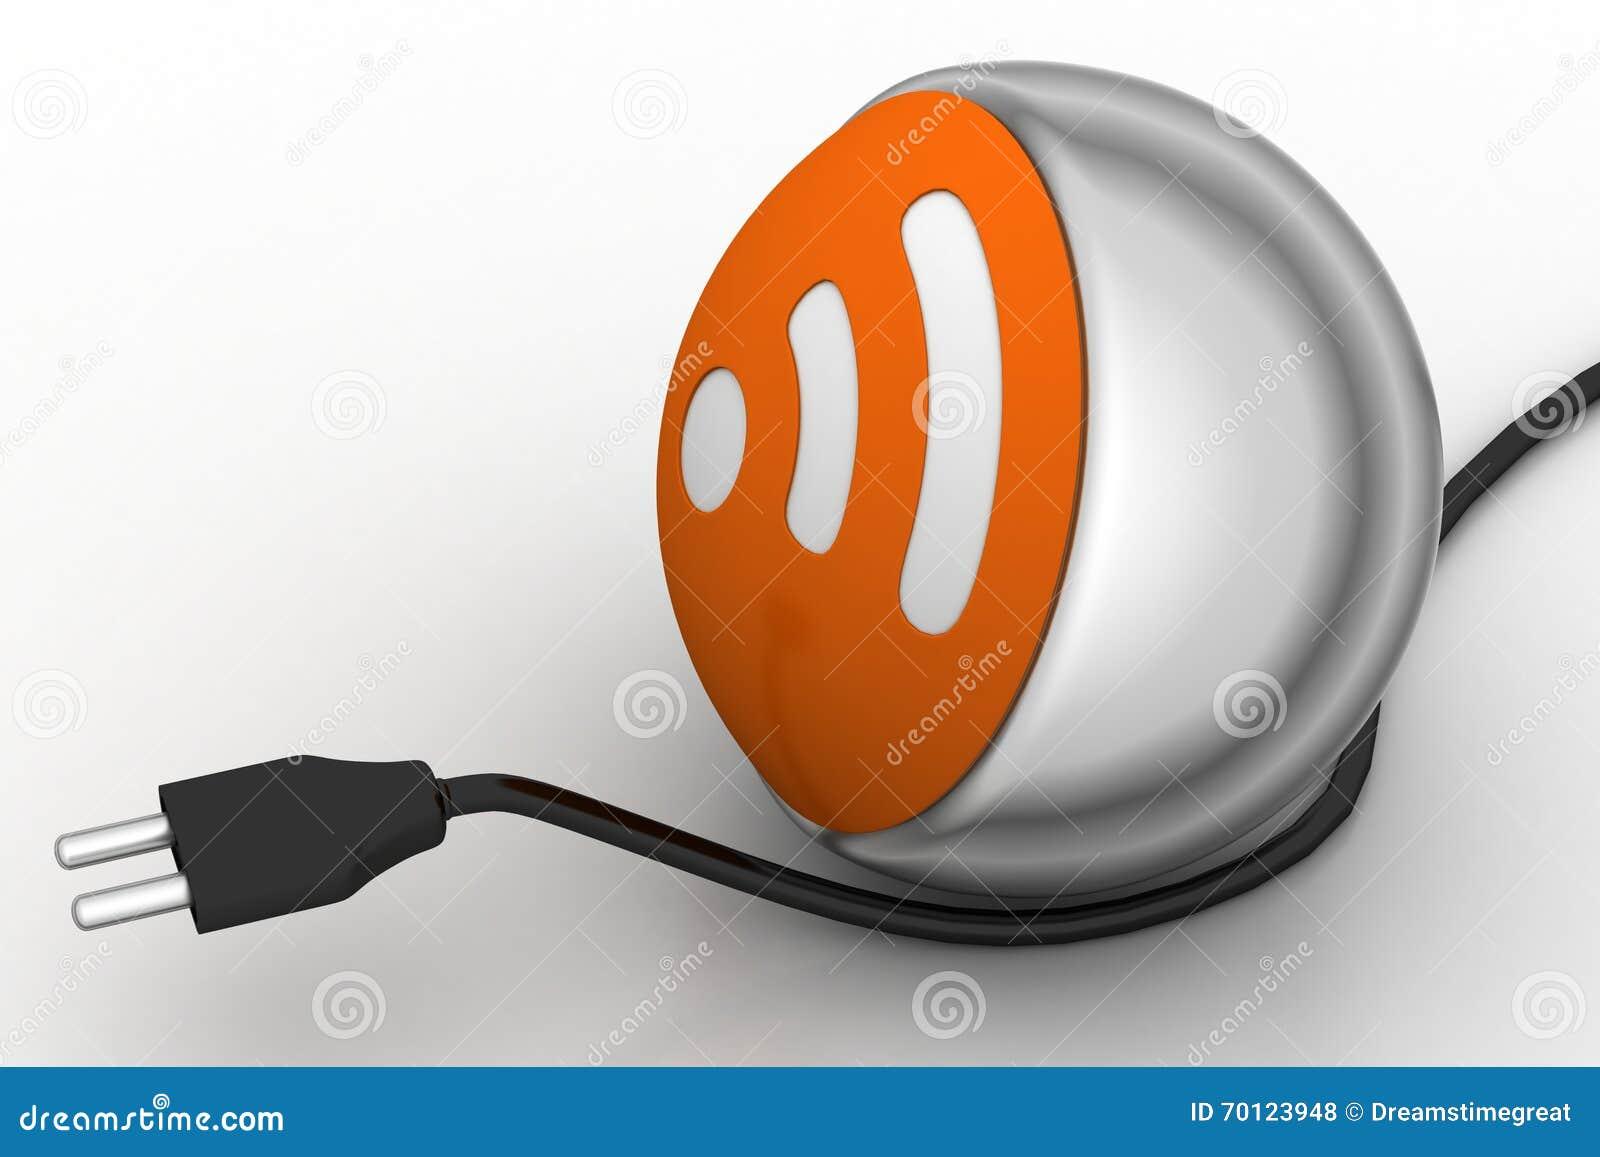 internet-ikone mit stromkabel stock abbildung - illustration von